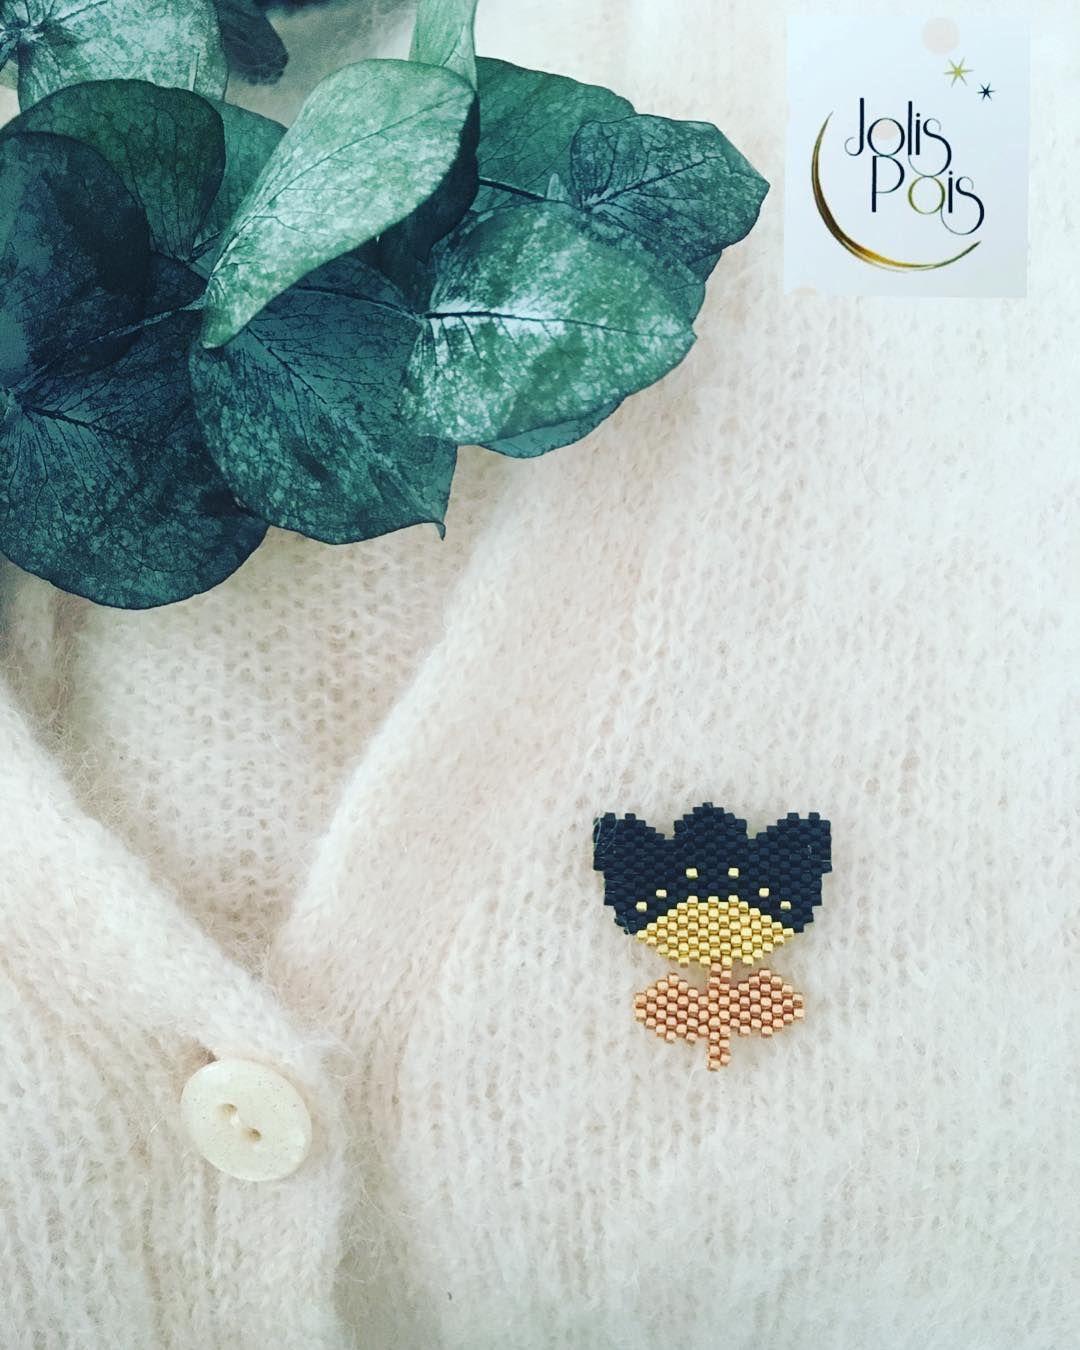 """243 Likes, 15 Comments - Jolis Pois (@jolispois) on Instagram: """"Fly ..."""